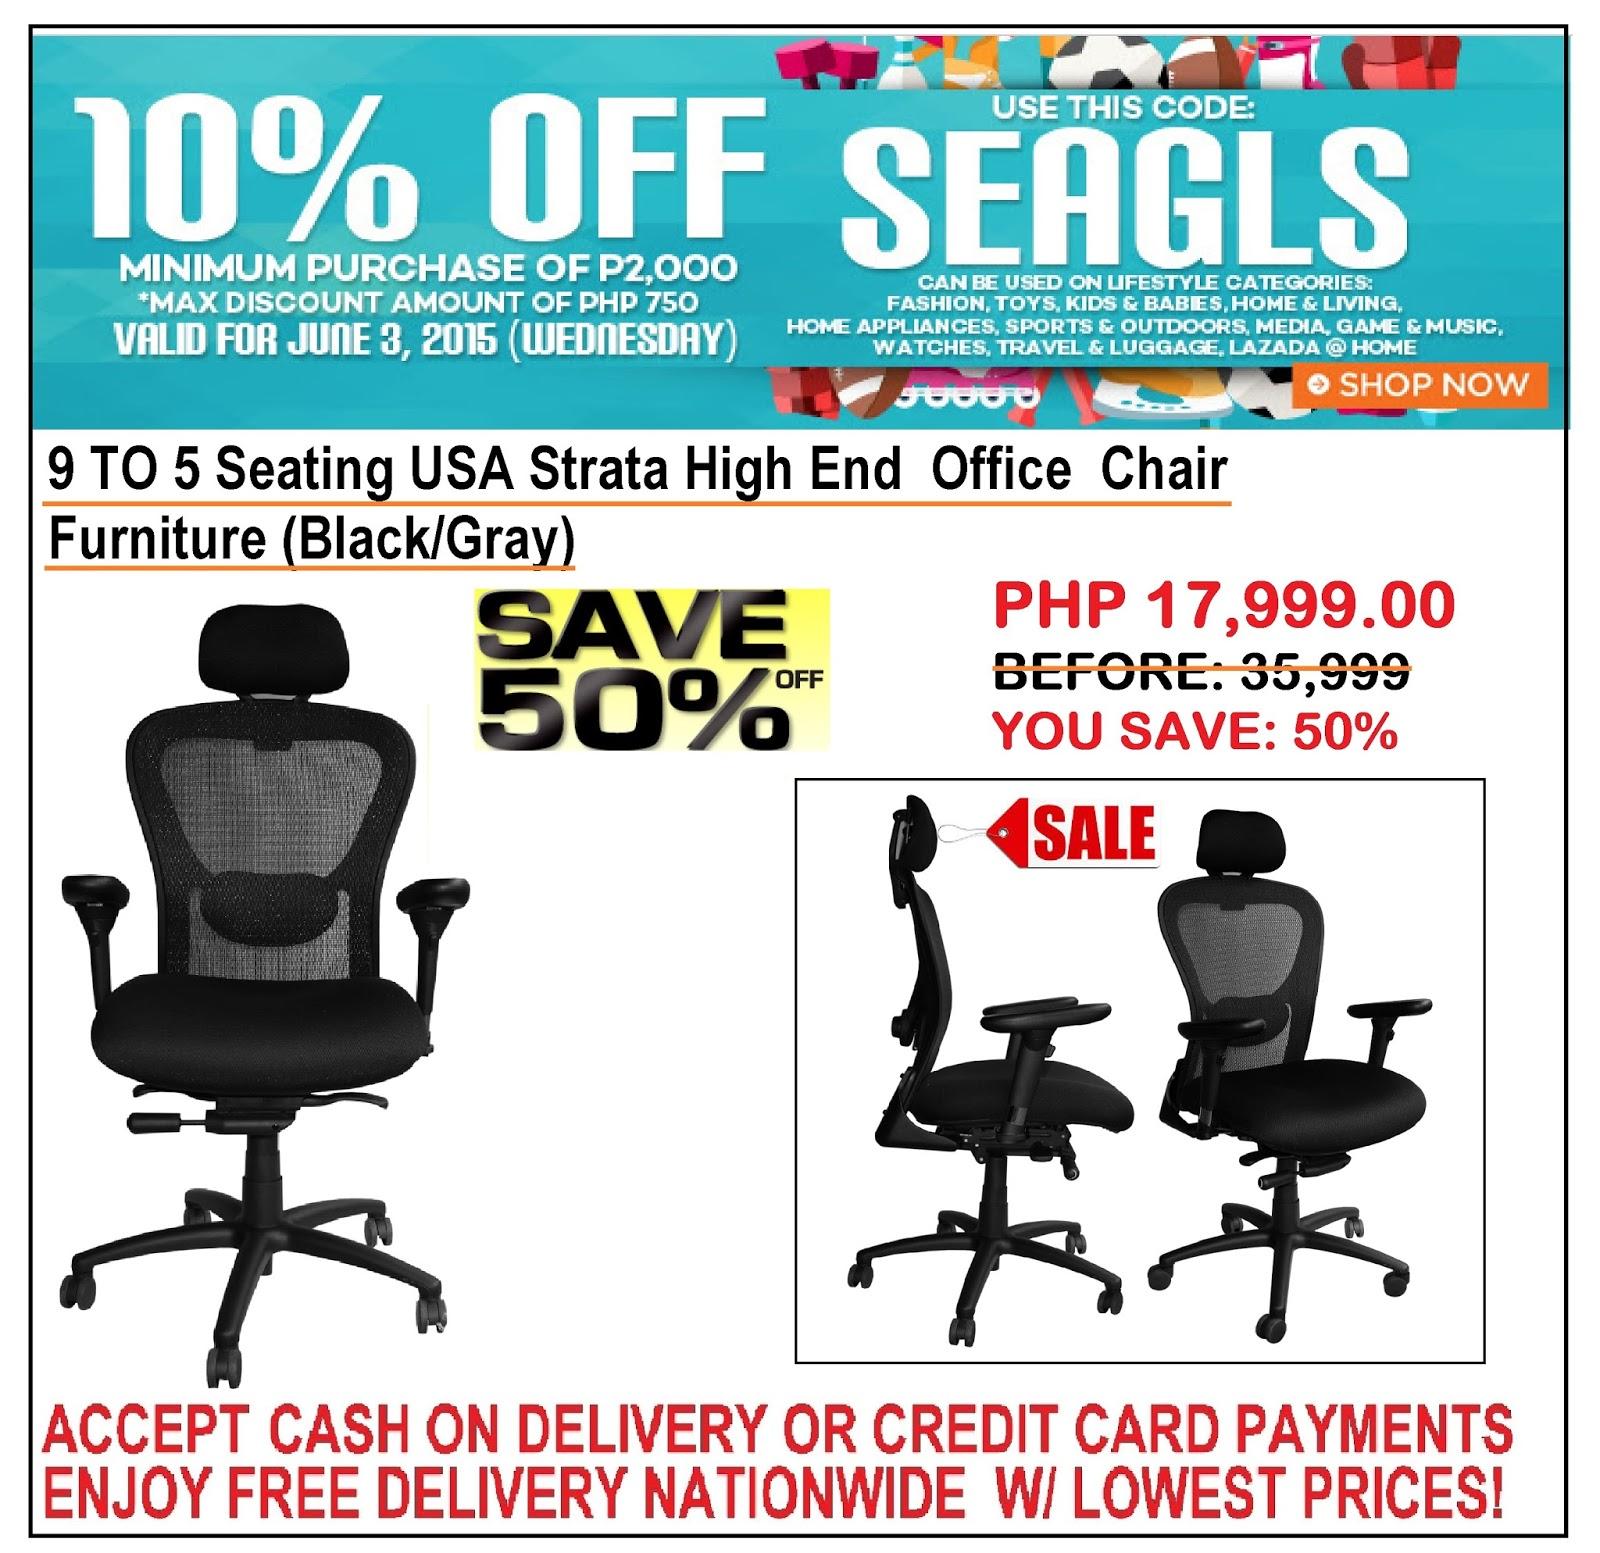 Cost u less office furniture manila furniture supplier for Top 10 furniture brands in usa